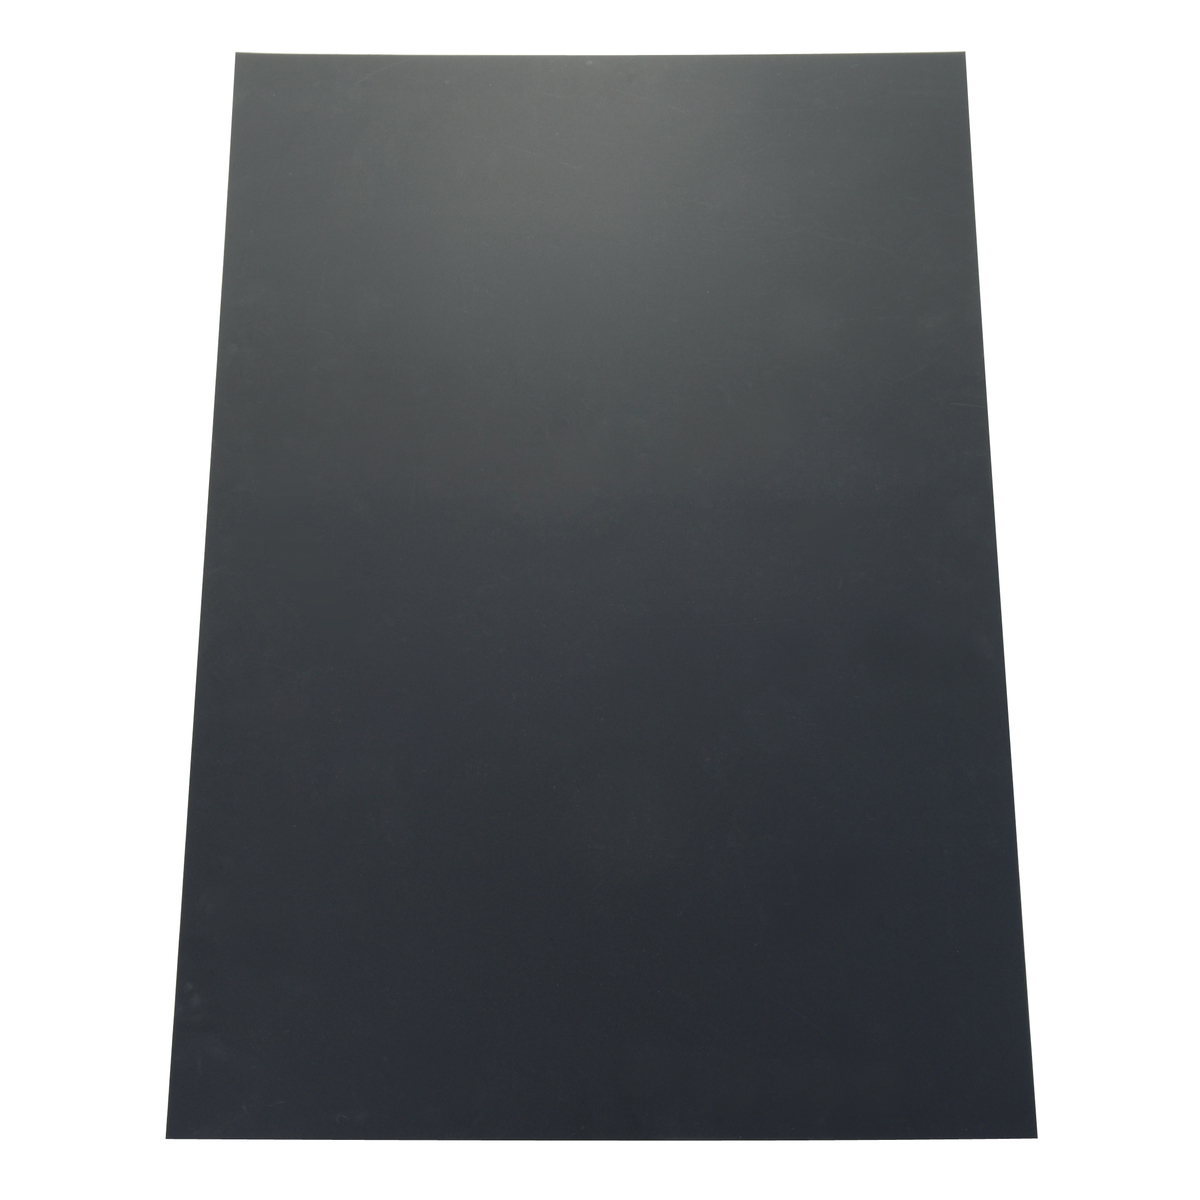 タレゴム EVA 900×600×3 黒 1枚